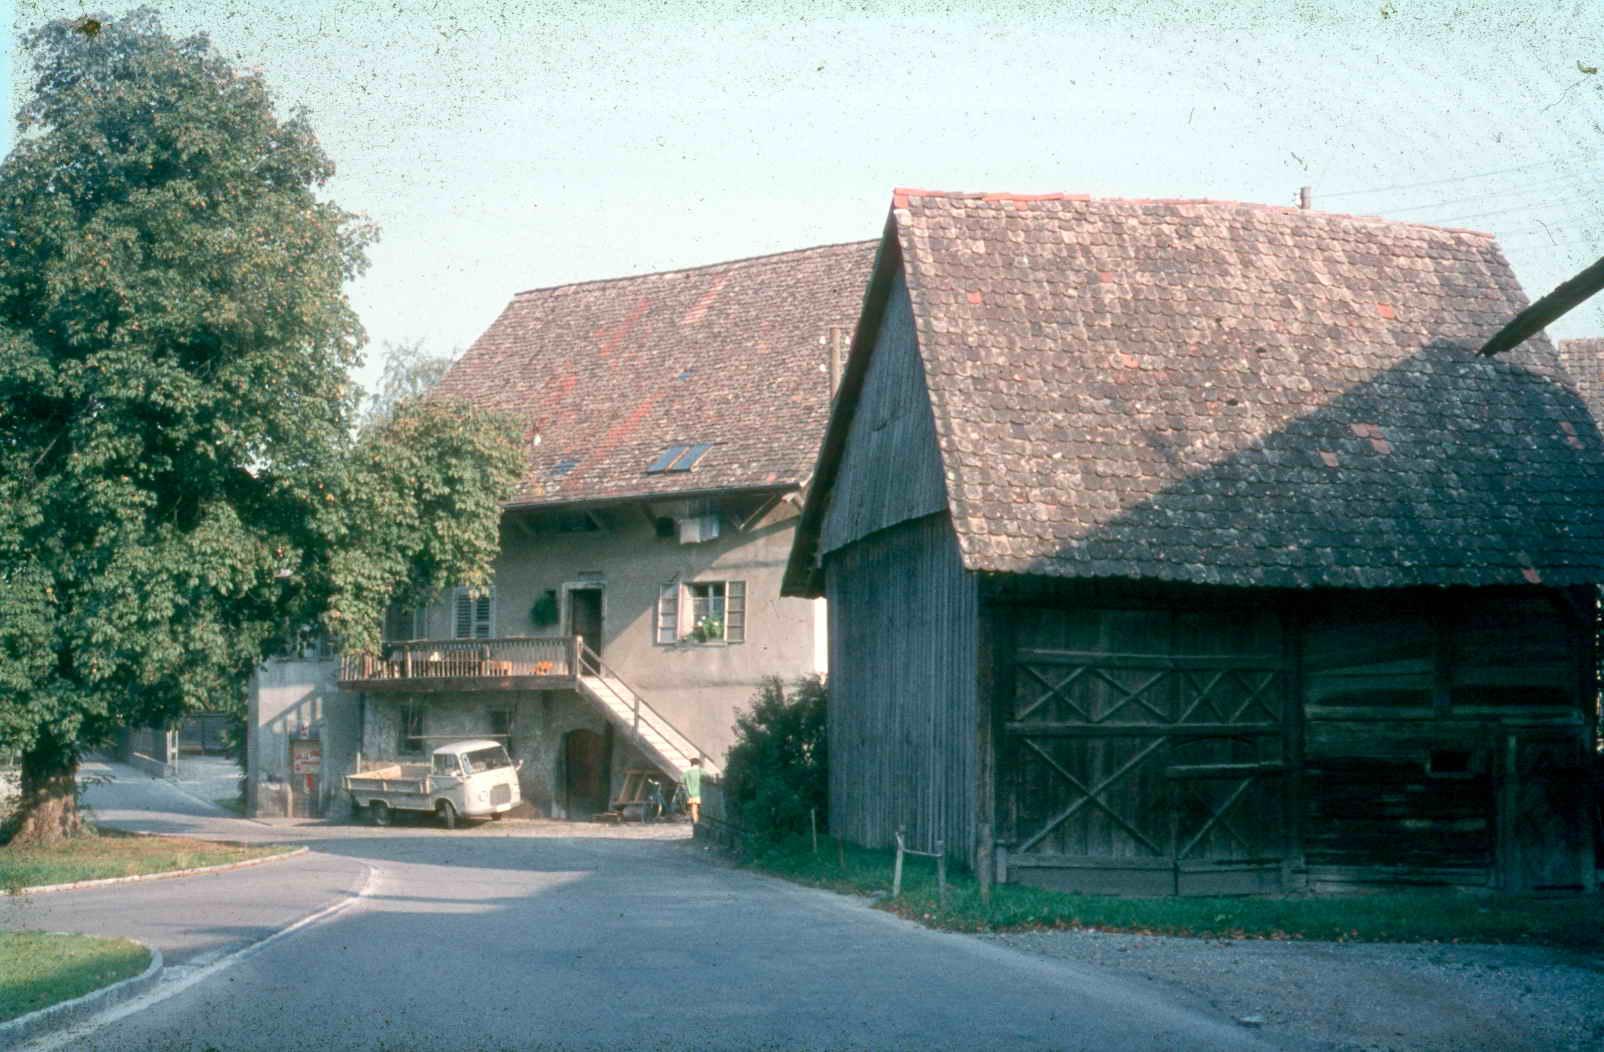 71 17 ehem Mühle und Scheune